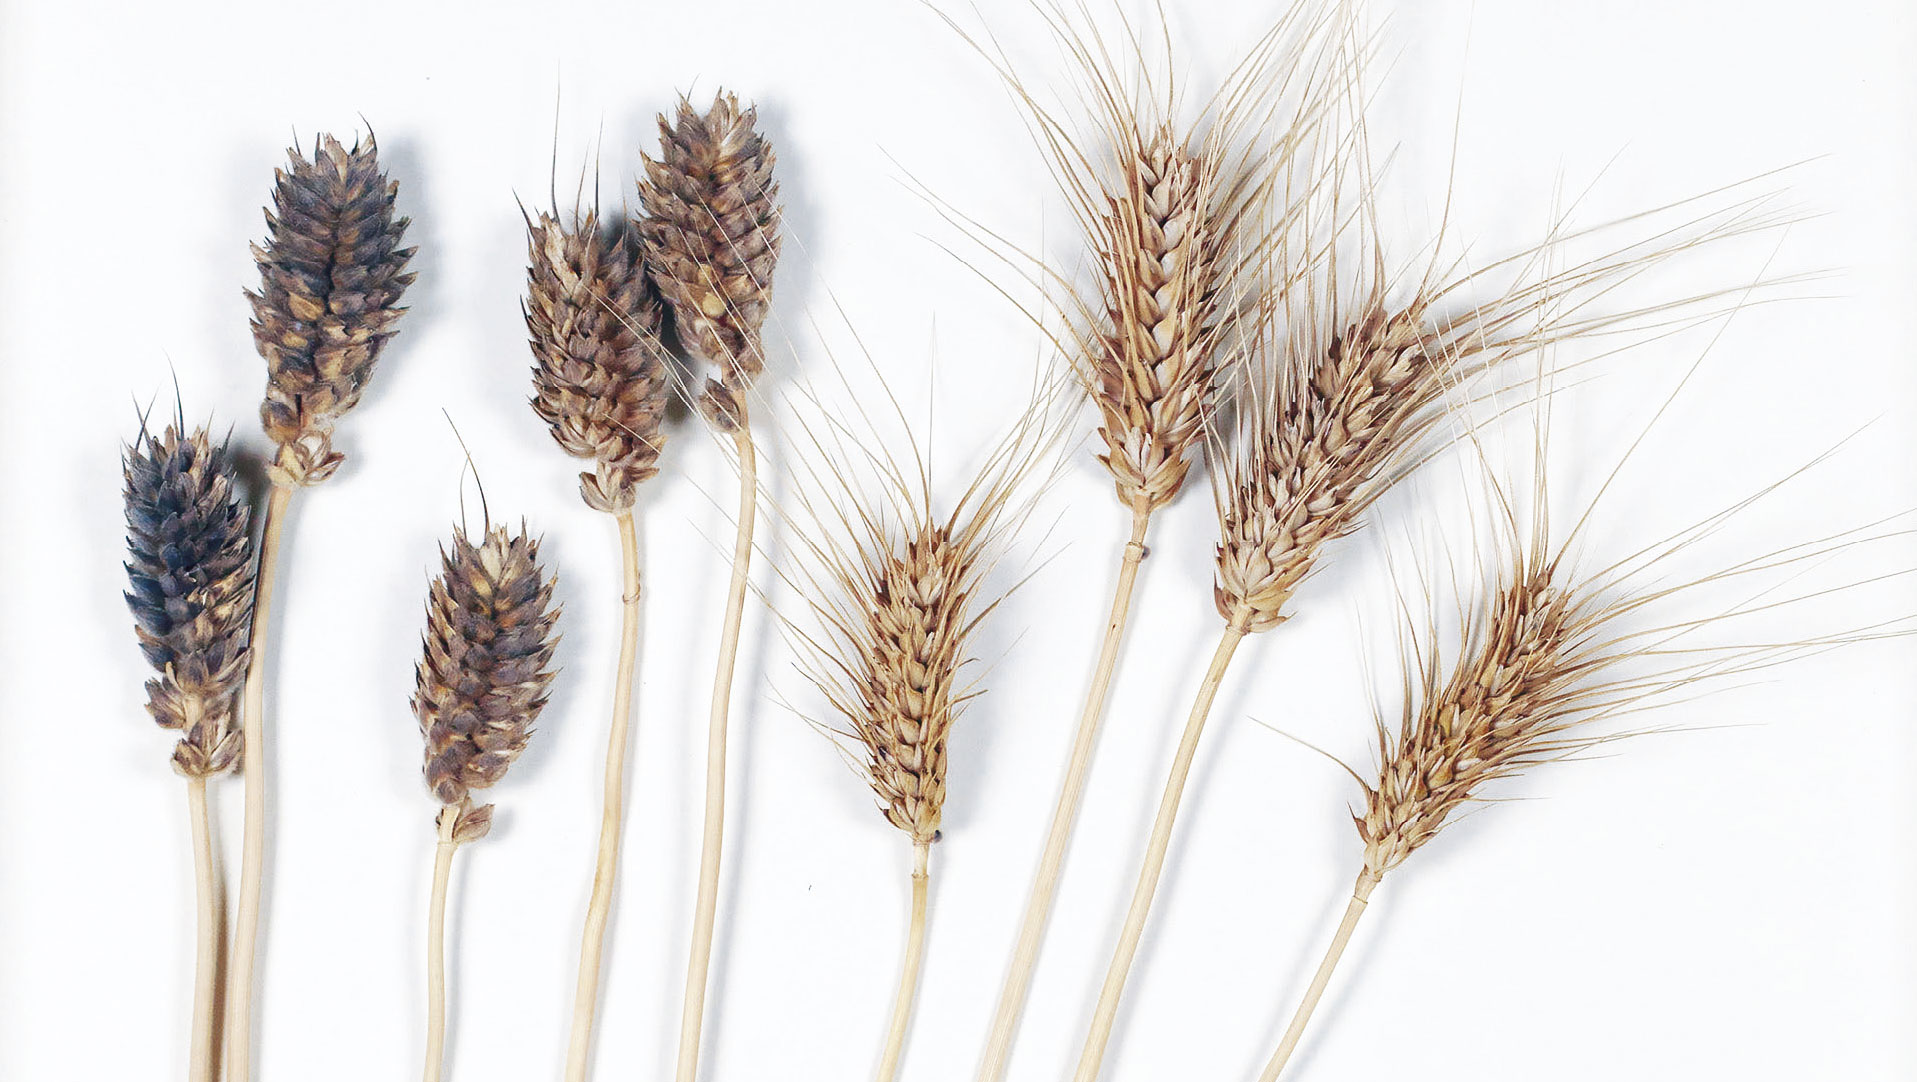 Memory: Getreidevielfalt